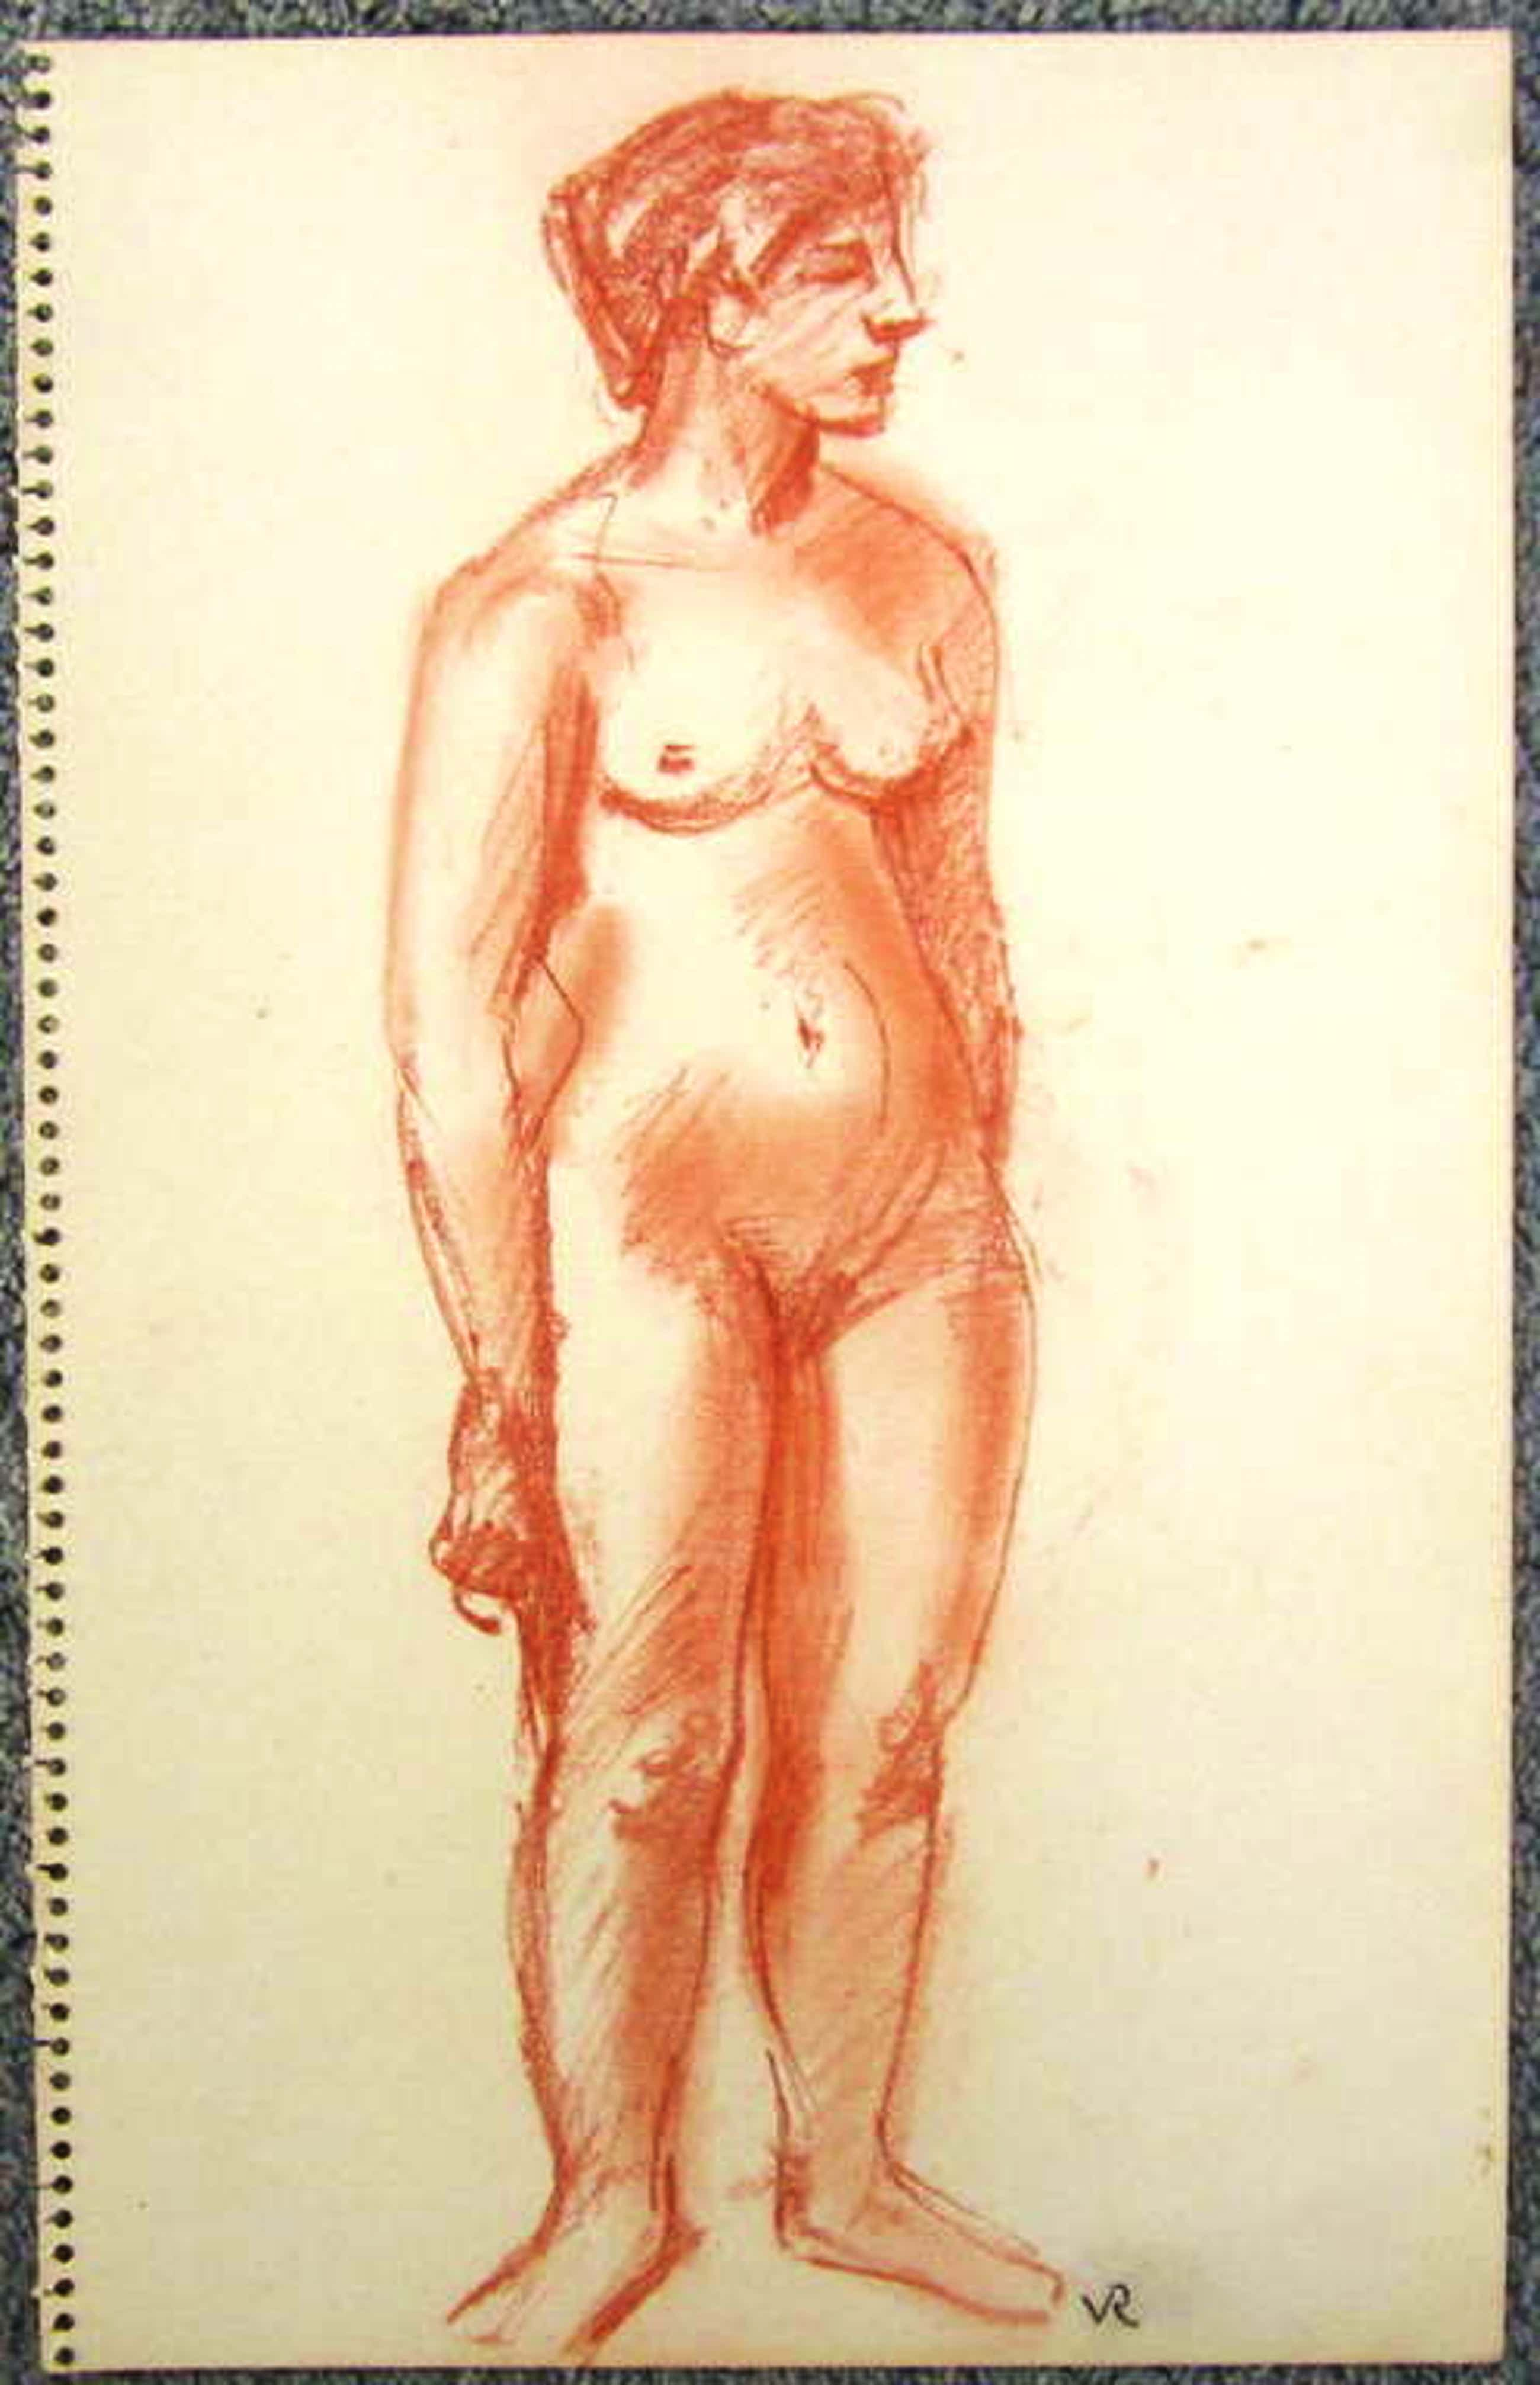 Otto van Rees 1884-1956, krijt-tekening uit schetsboek,  bladformaat 33.2 x 20.8 kopen? Bied vanaf 80!